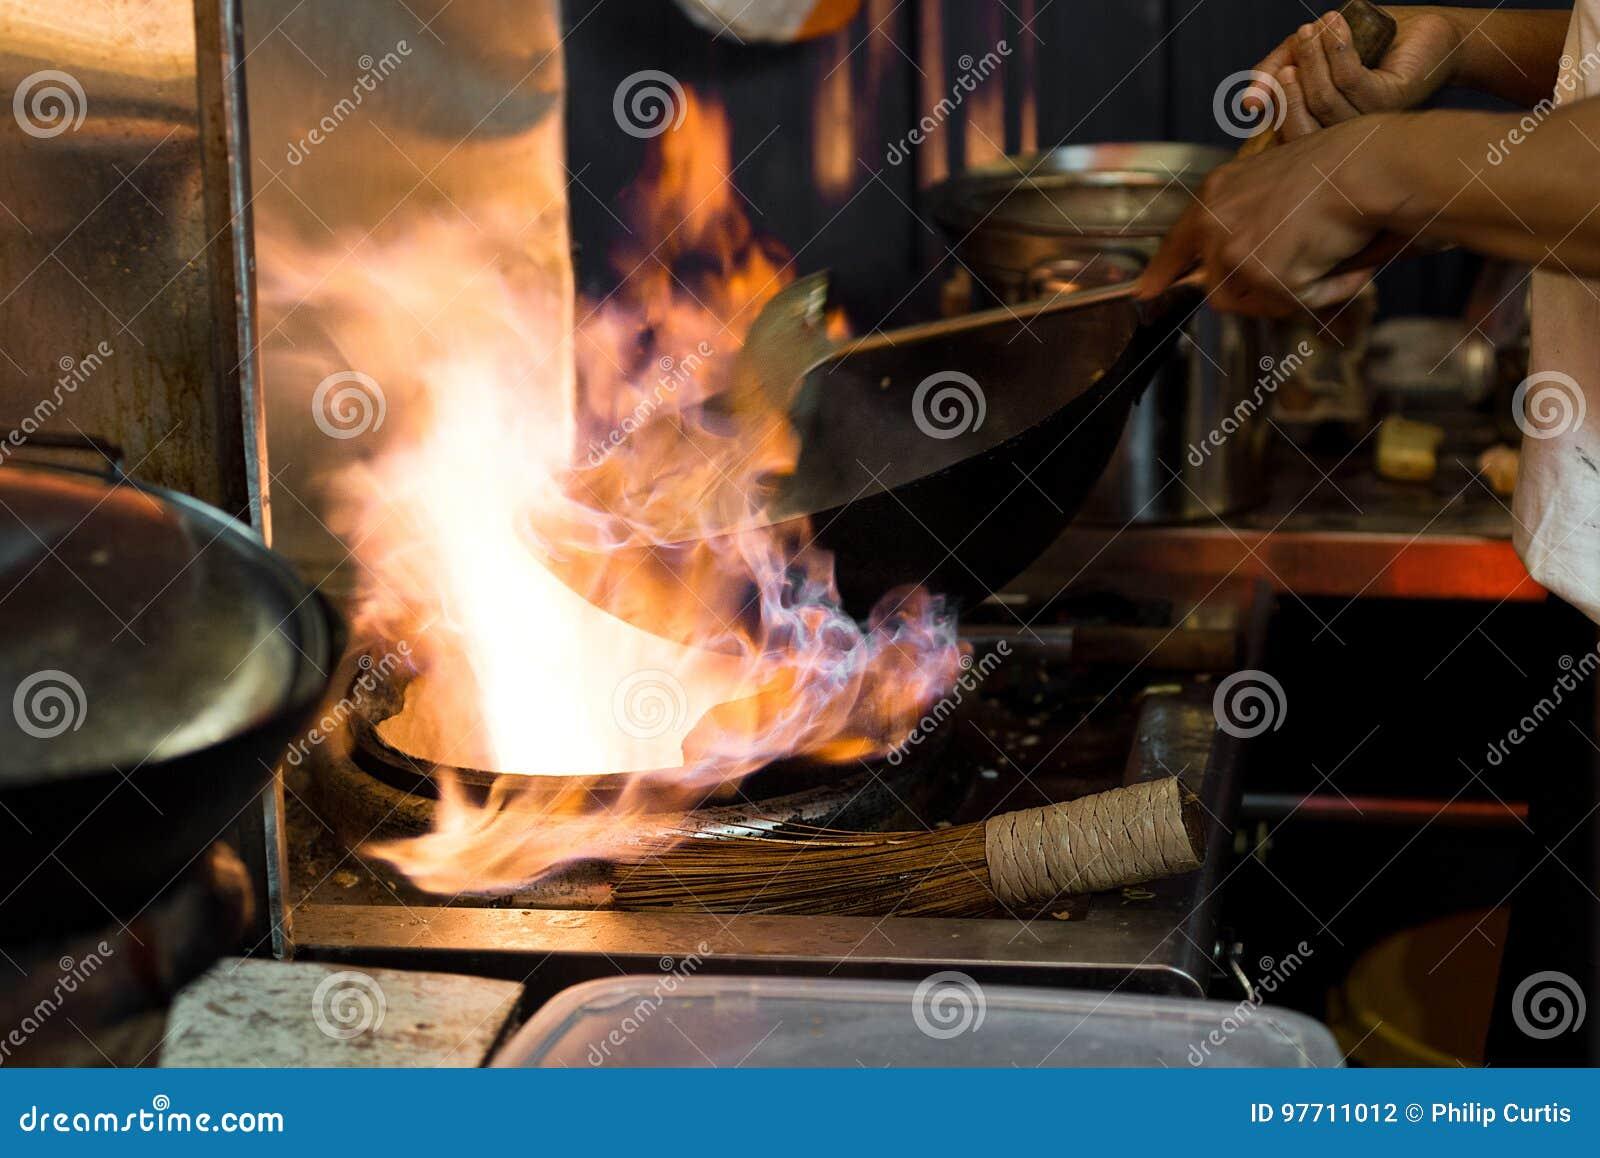 Asiatet wokar matlagning med flammor i en öppen kitc för stilgatamat